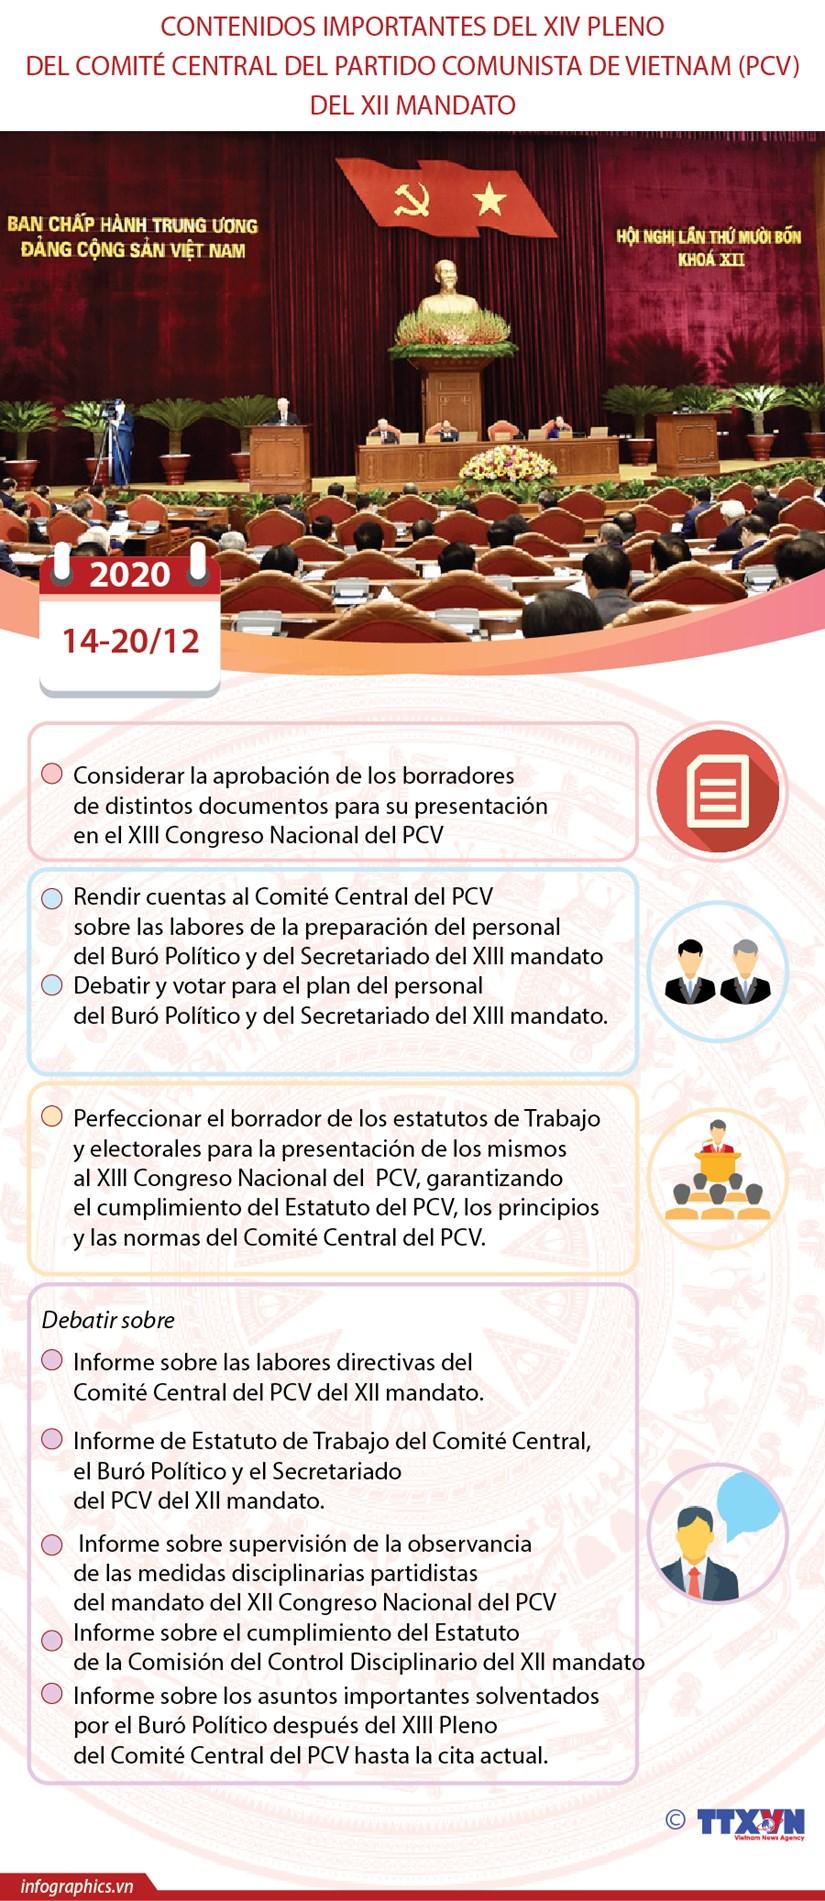 Amplia agenda del XIV Pleno del Comite Central del Partido Comunista de Vietnam hinh anh 1